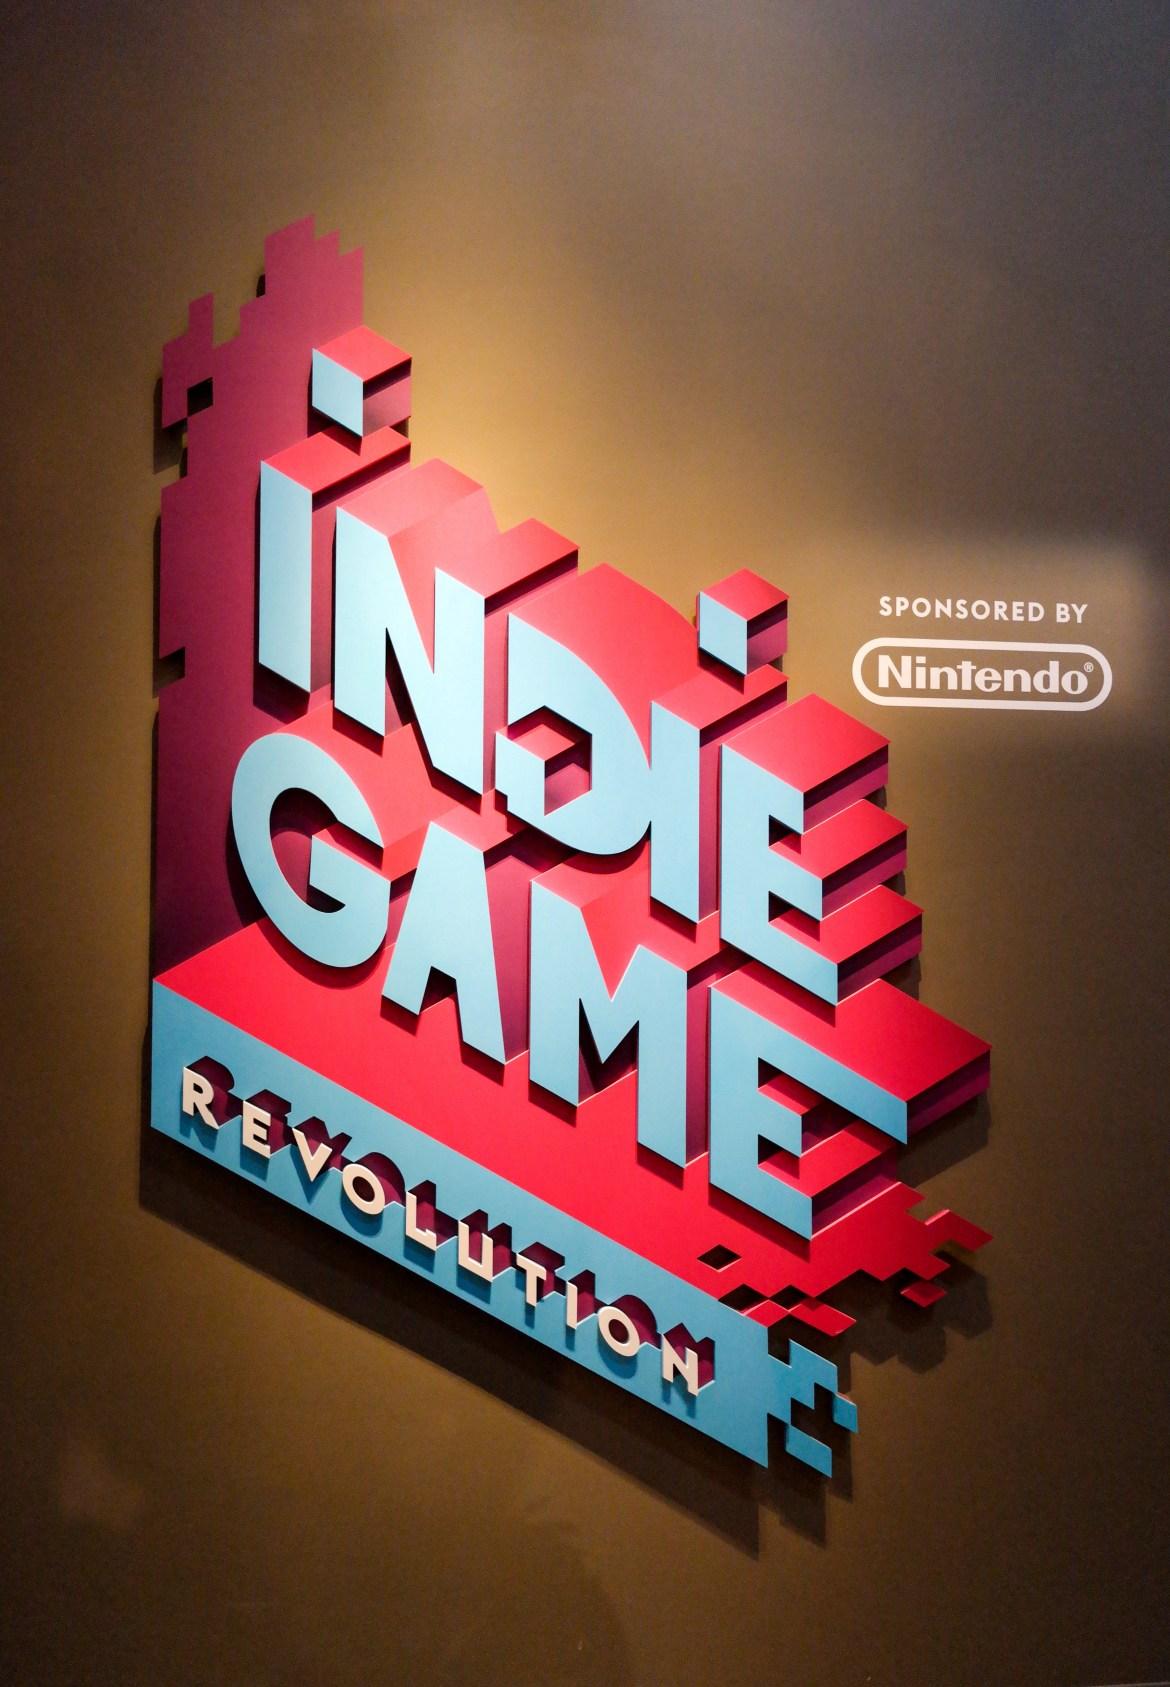 #indiegamerevolution